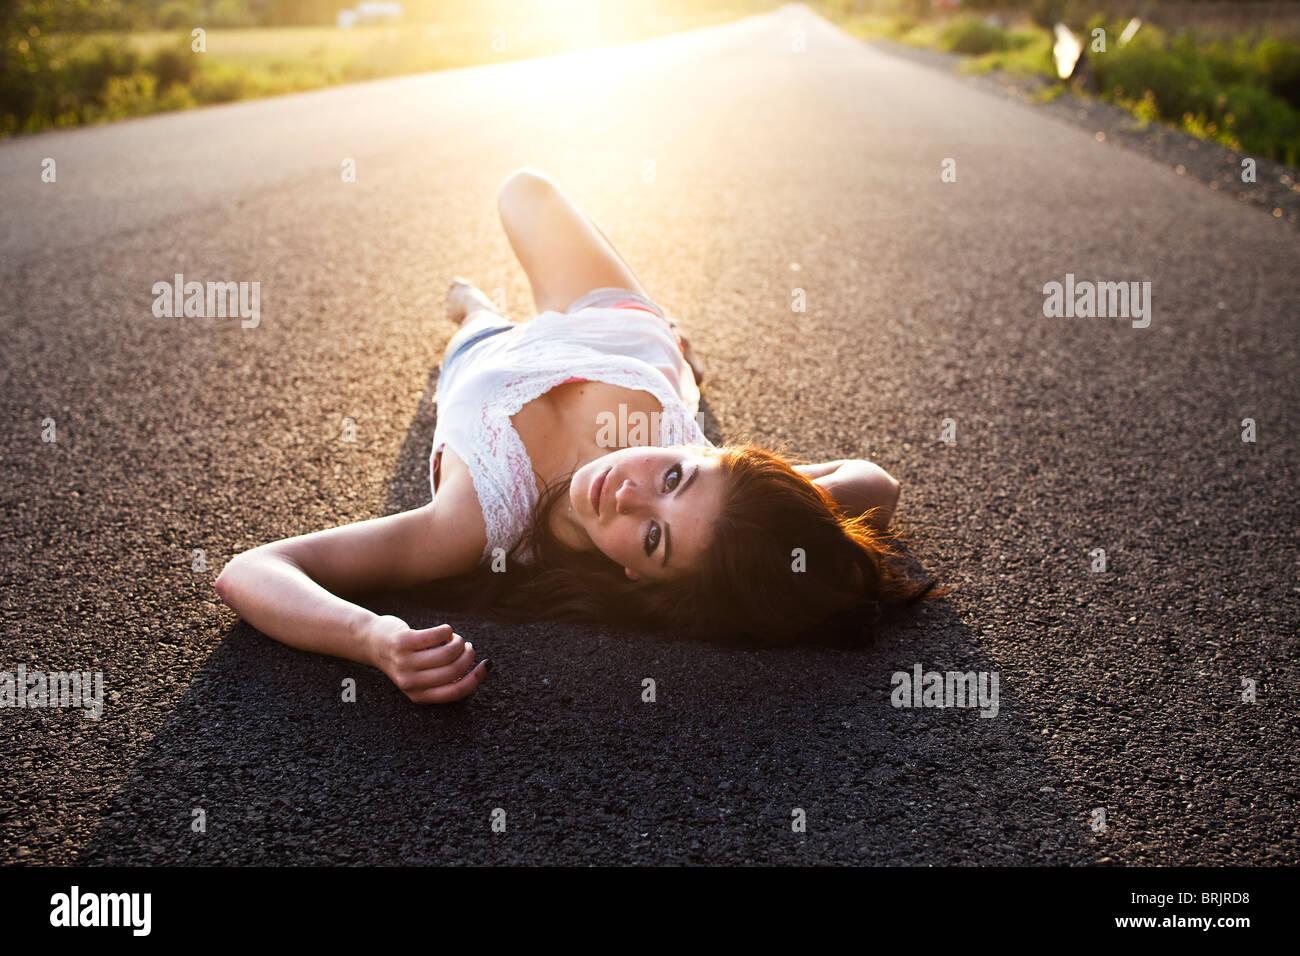 Una niña se encuentra en la carretera al atardecer en Idaho. Imagen De Stock